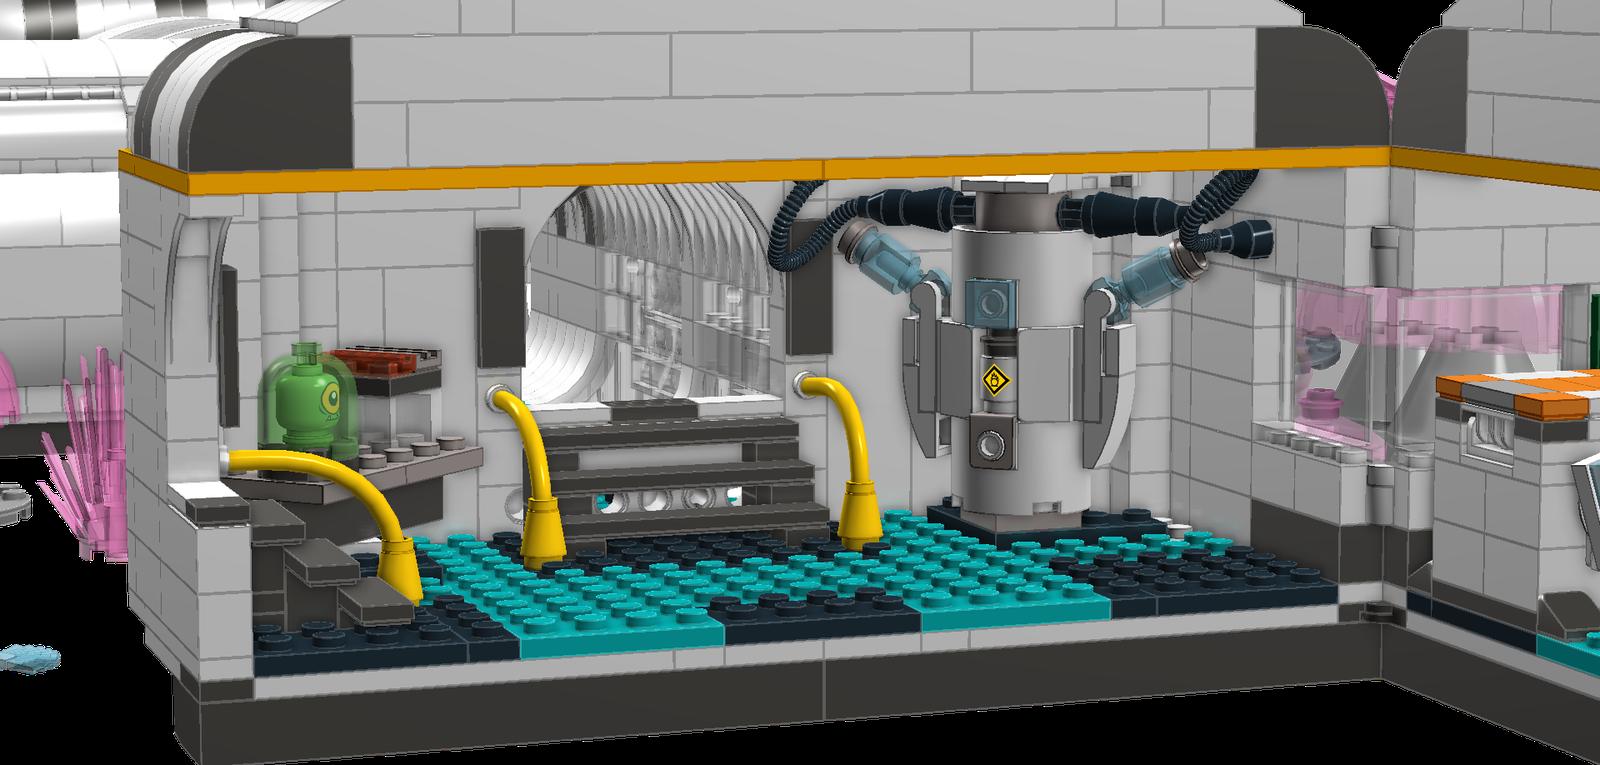 lego ideas product ideas subnautica survivors of the degasi